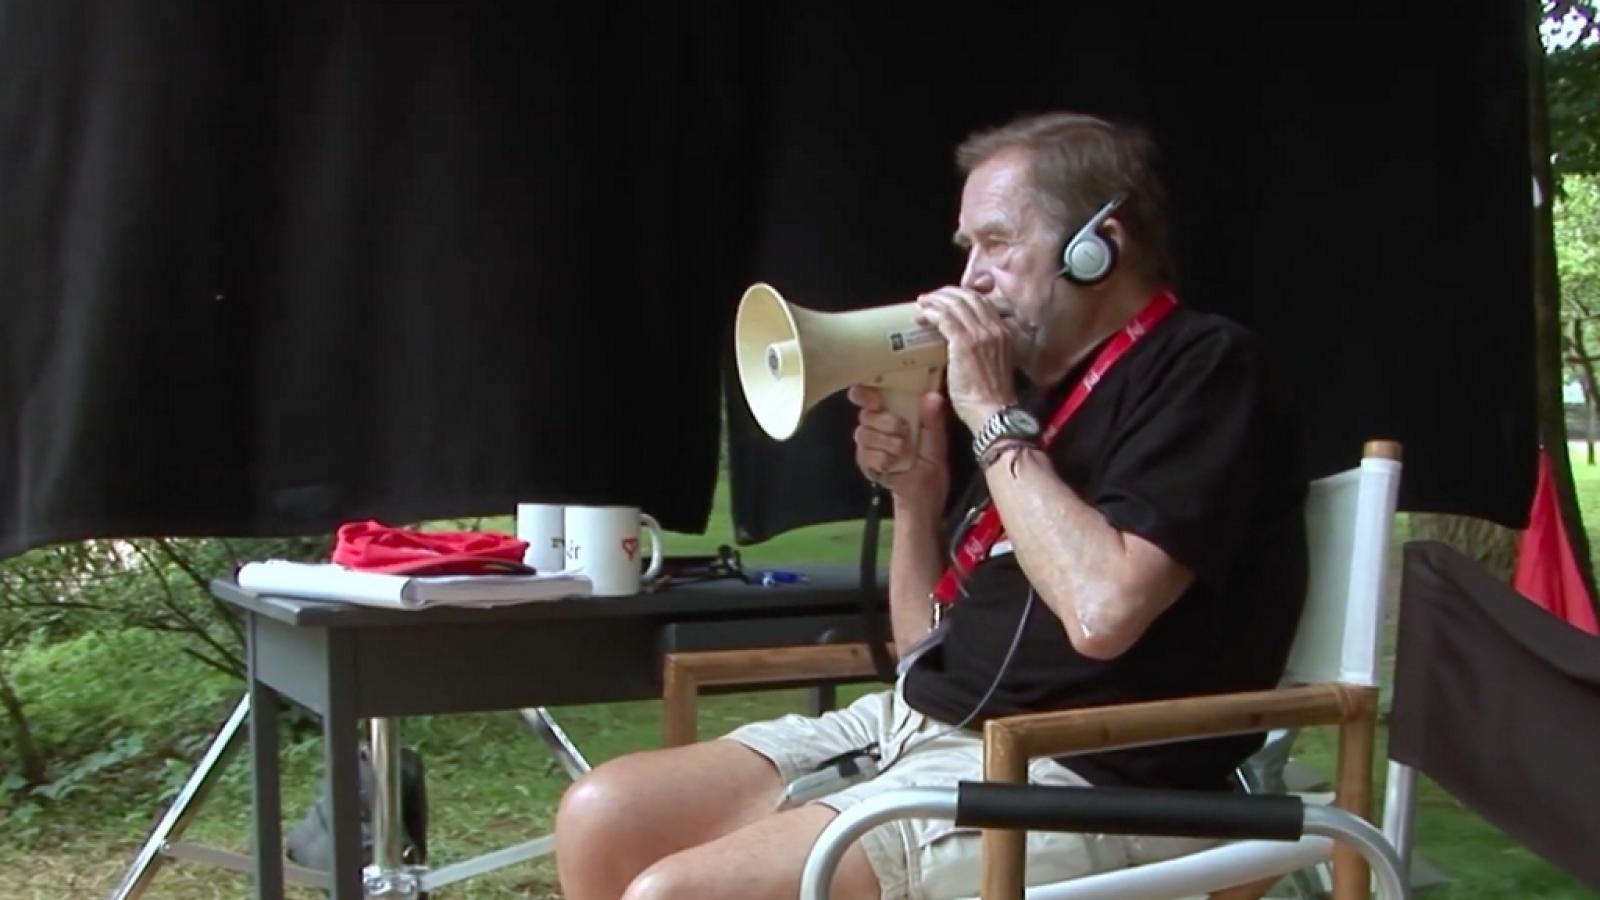 Tady Havel, slyšíte mě?